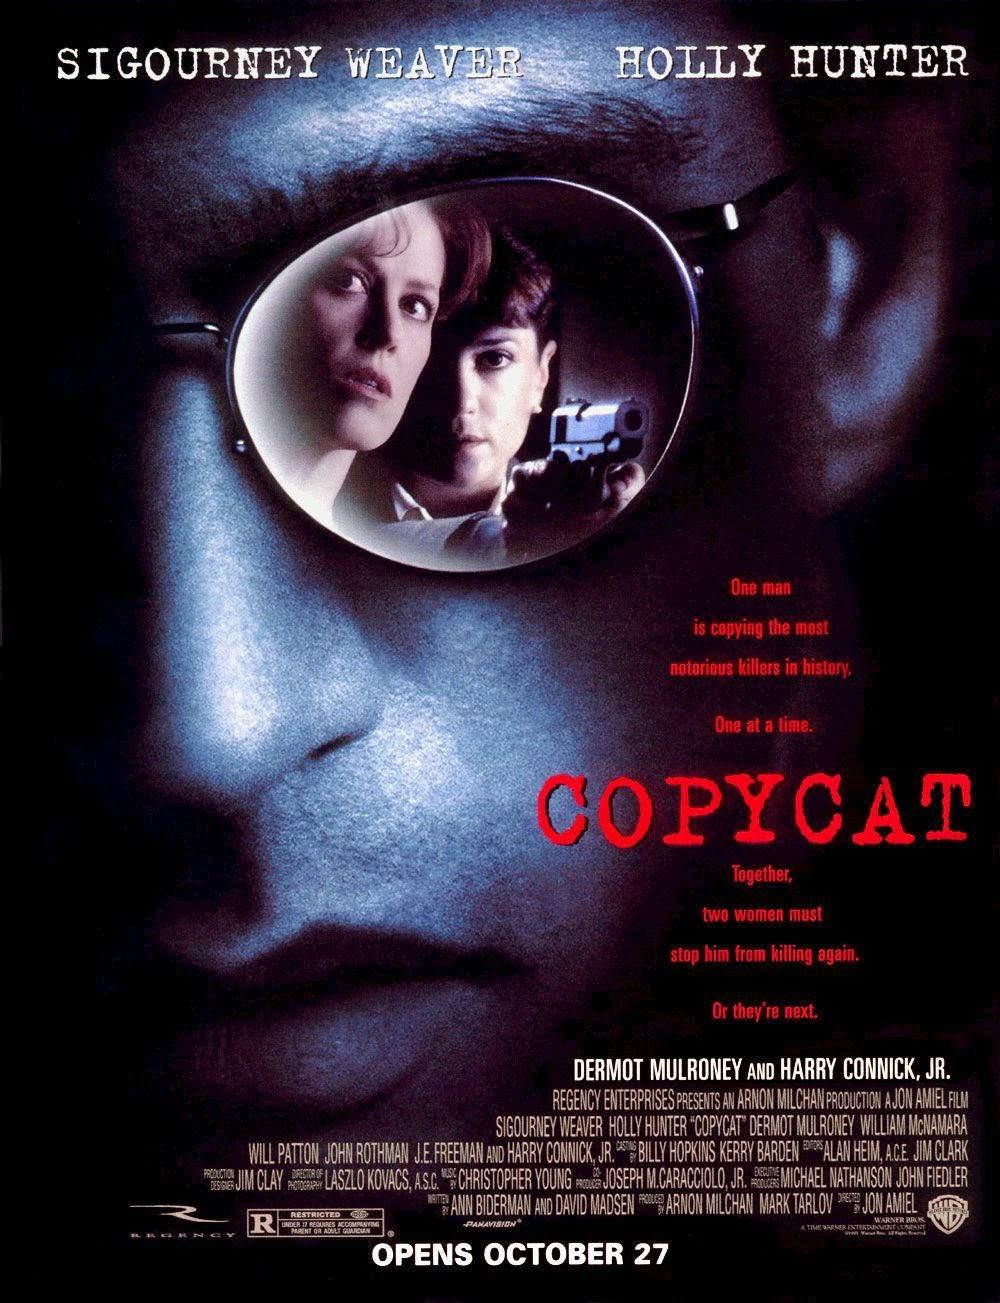 Happyotter: COPYCAT (1995)